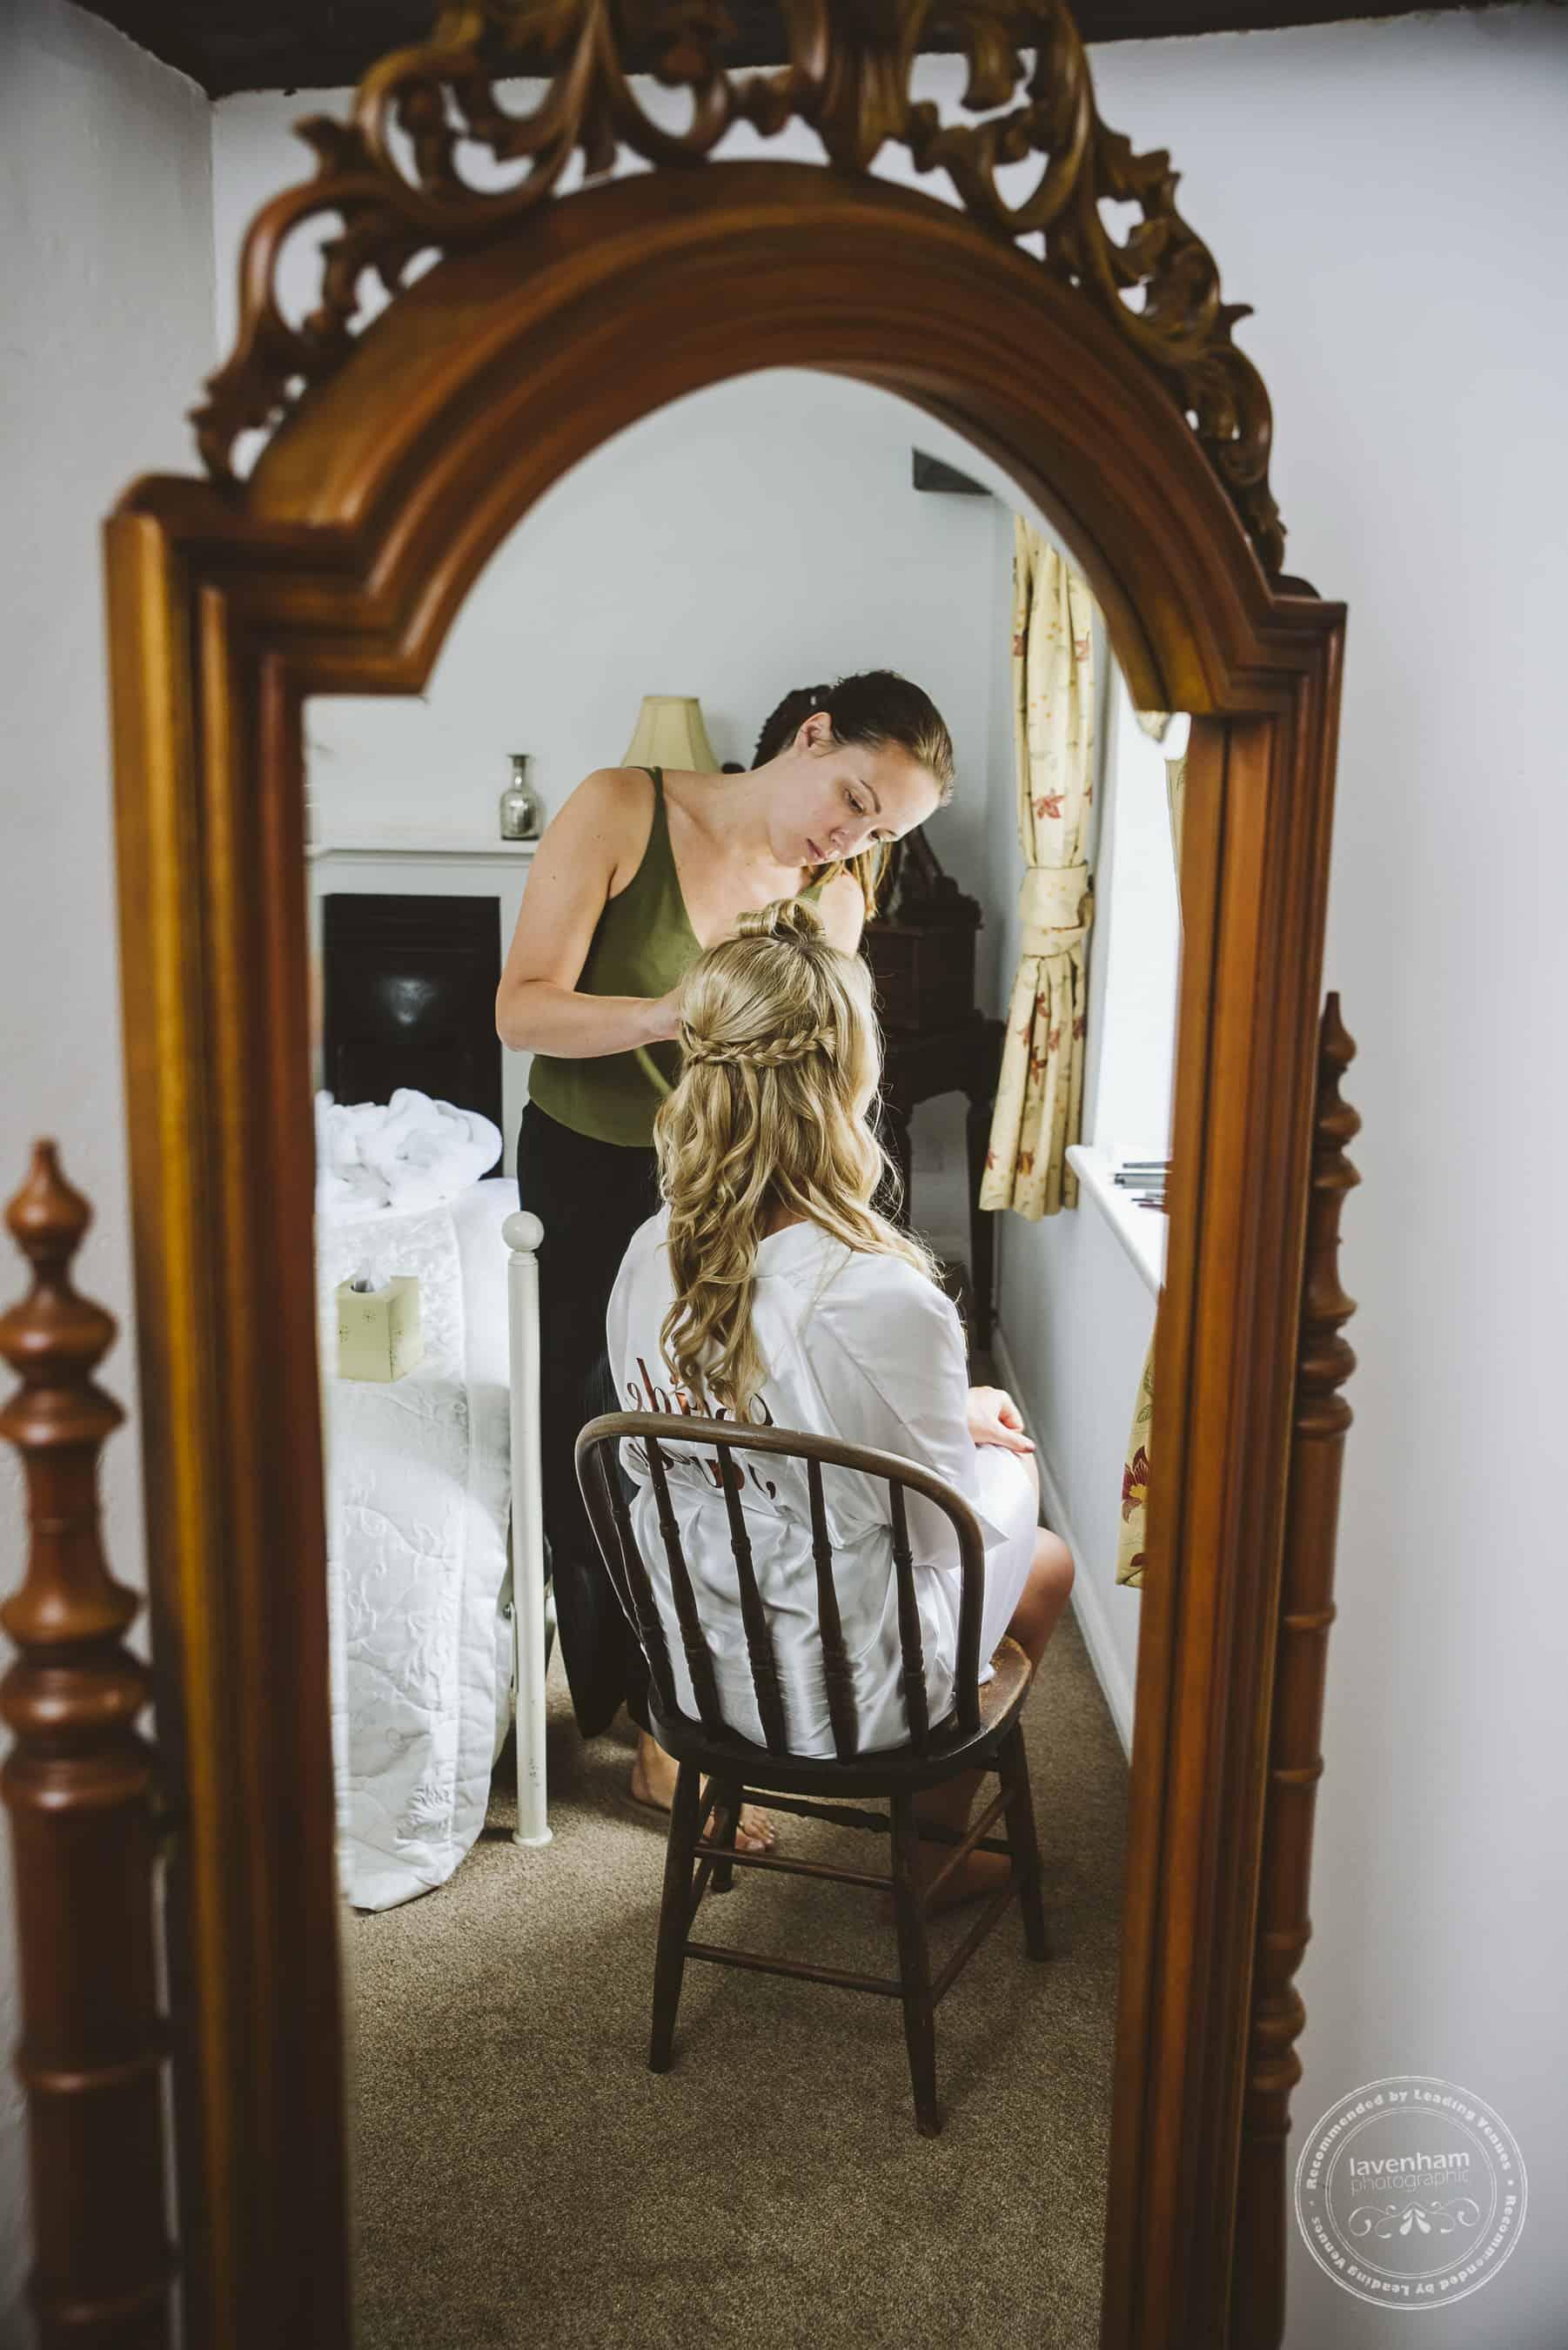 020618 Leez Priory Wedding Photography Lavenham Photographic 008